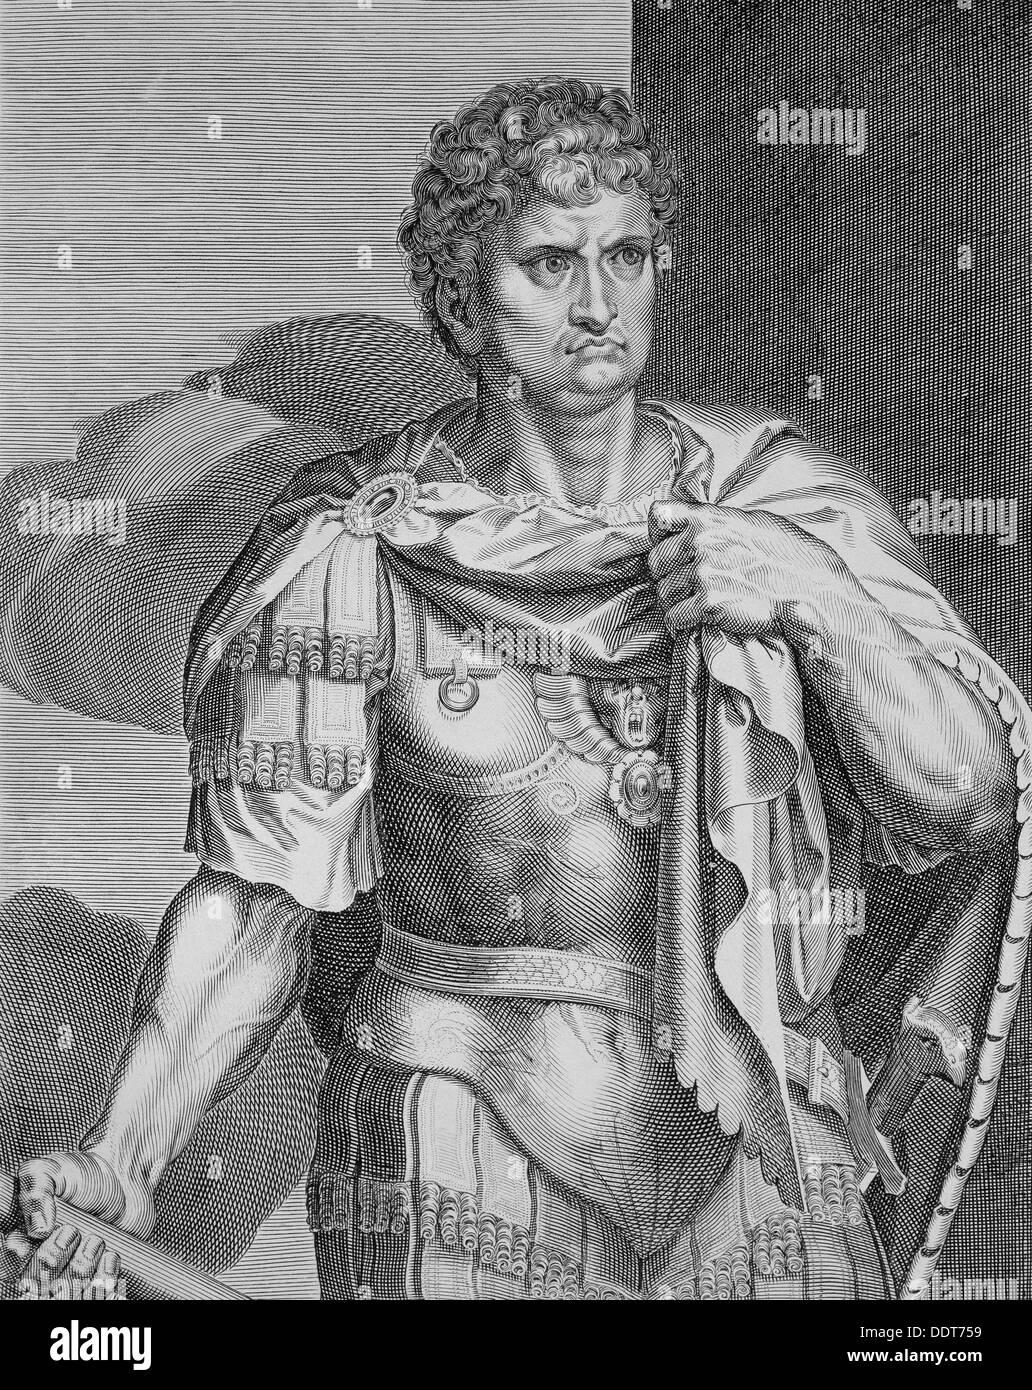 Nero, Roman Emperor, (c1590-1629). Artist: Aegidius Sadeler II - Stock Image